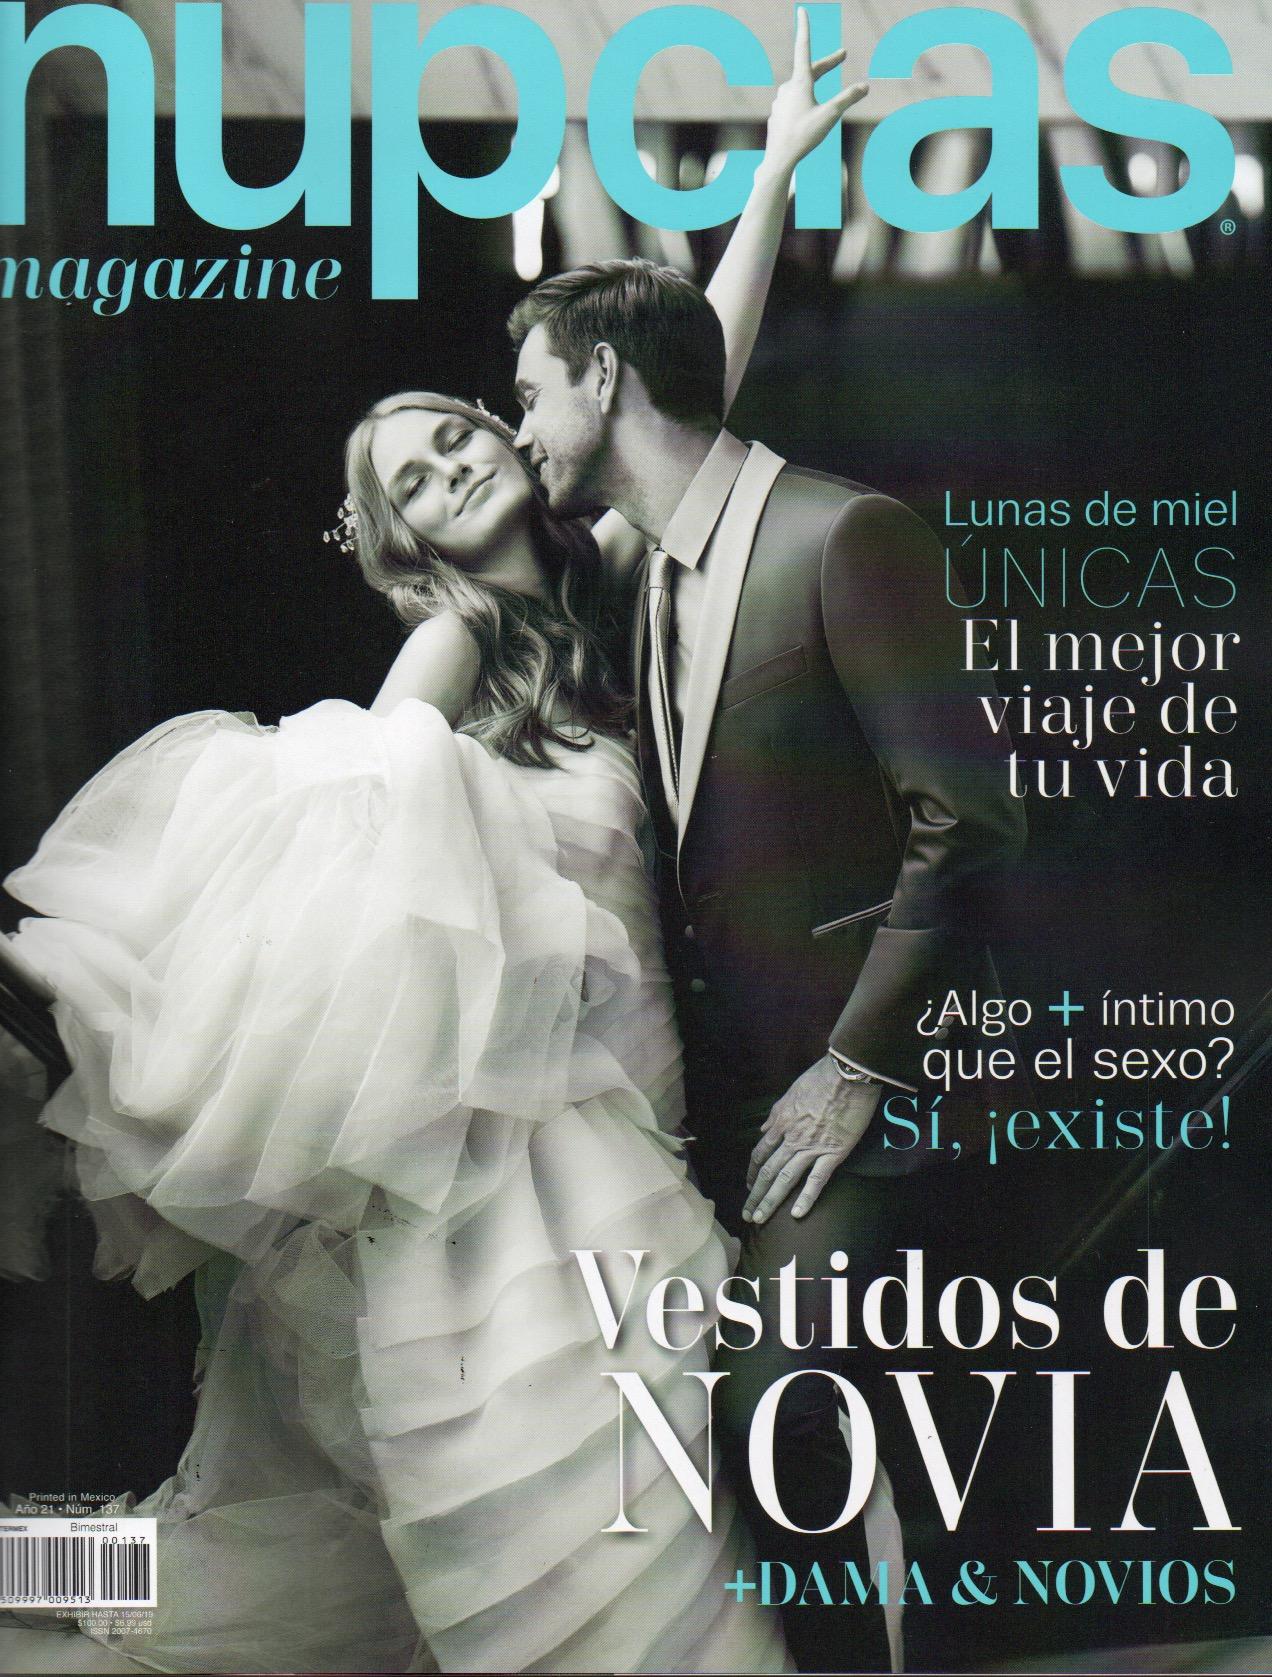 Nupcias_May2019_Cover_Izapa